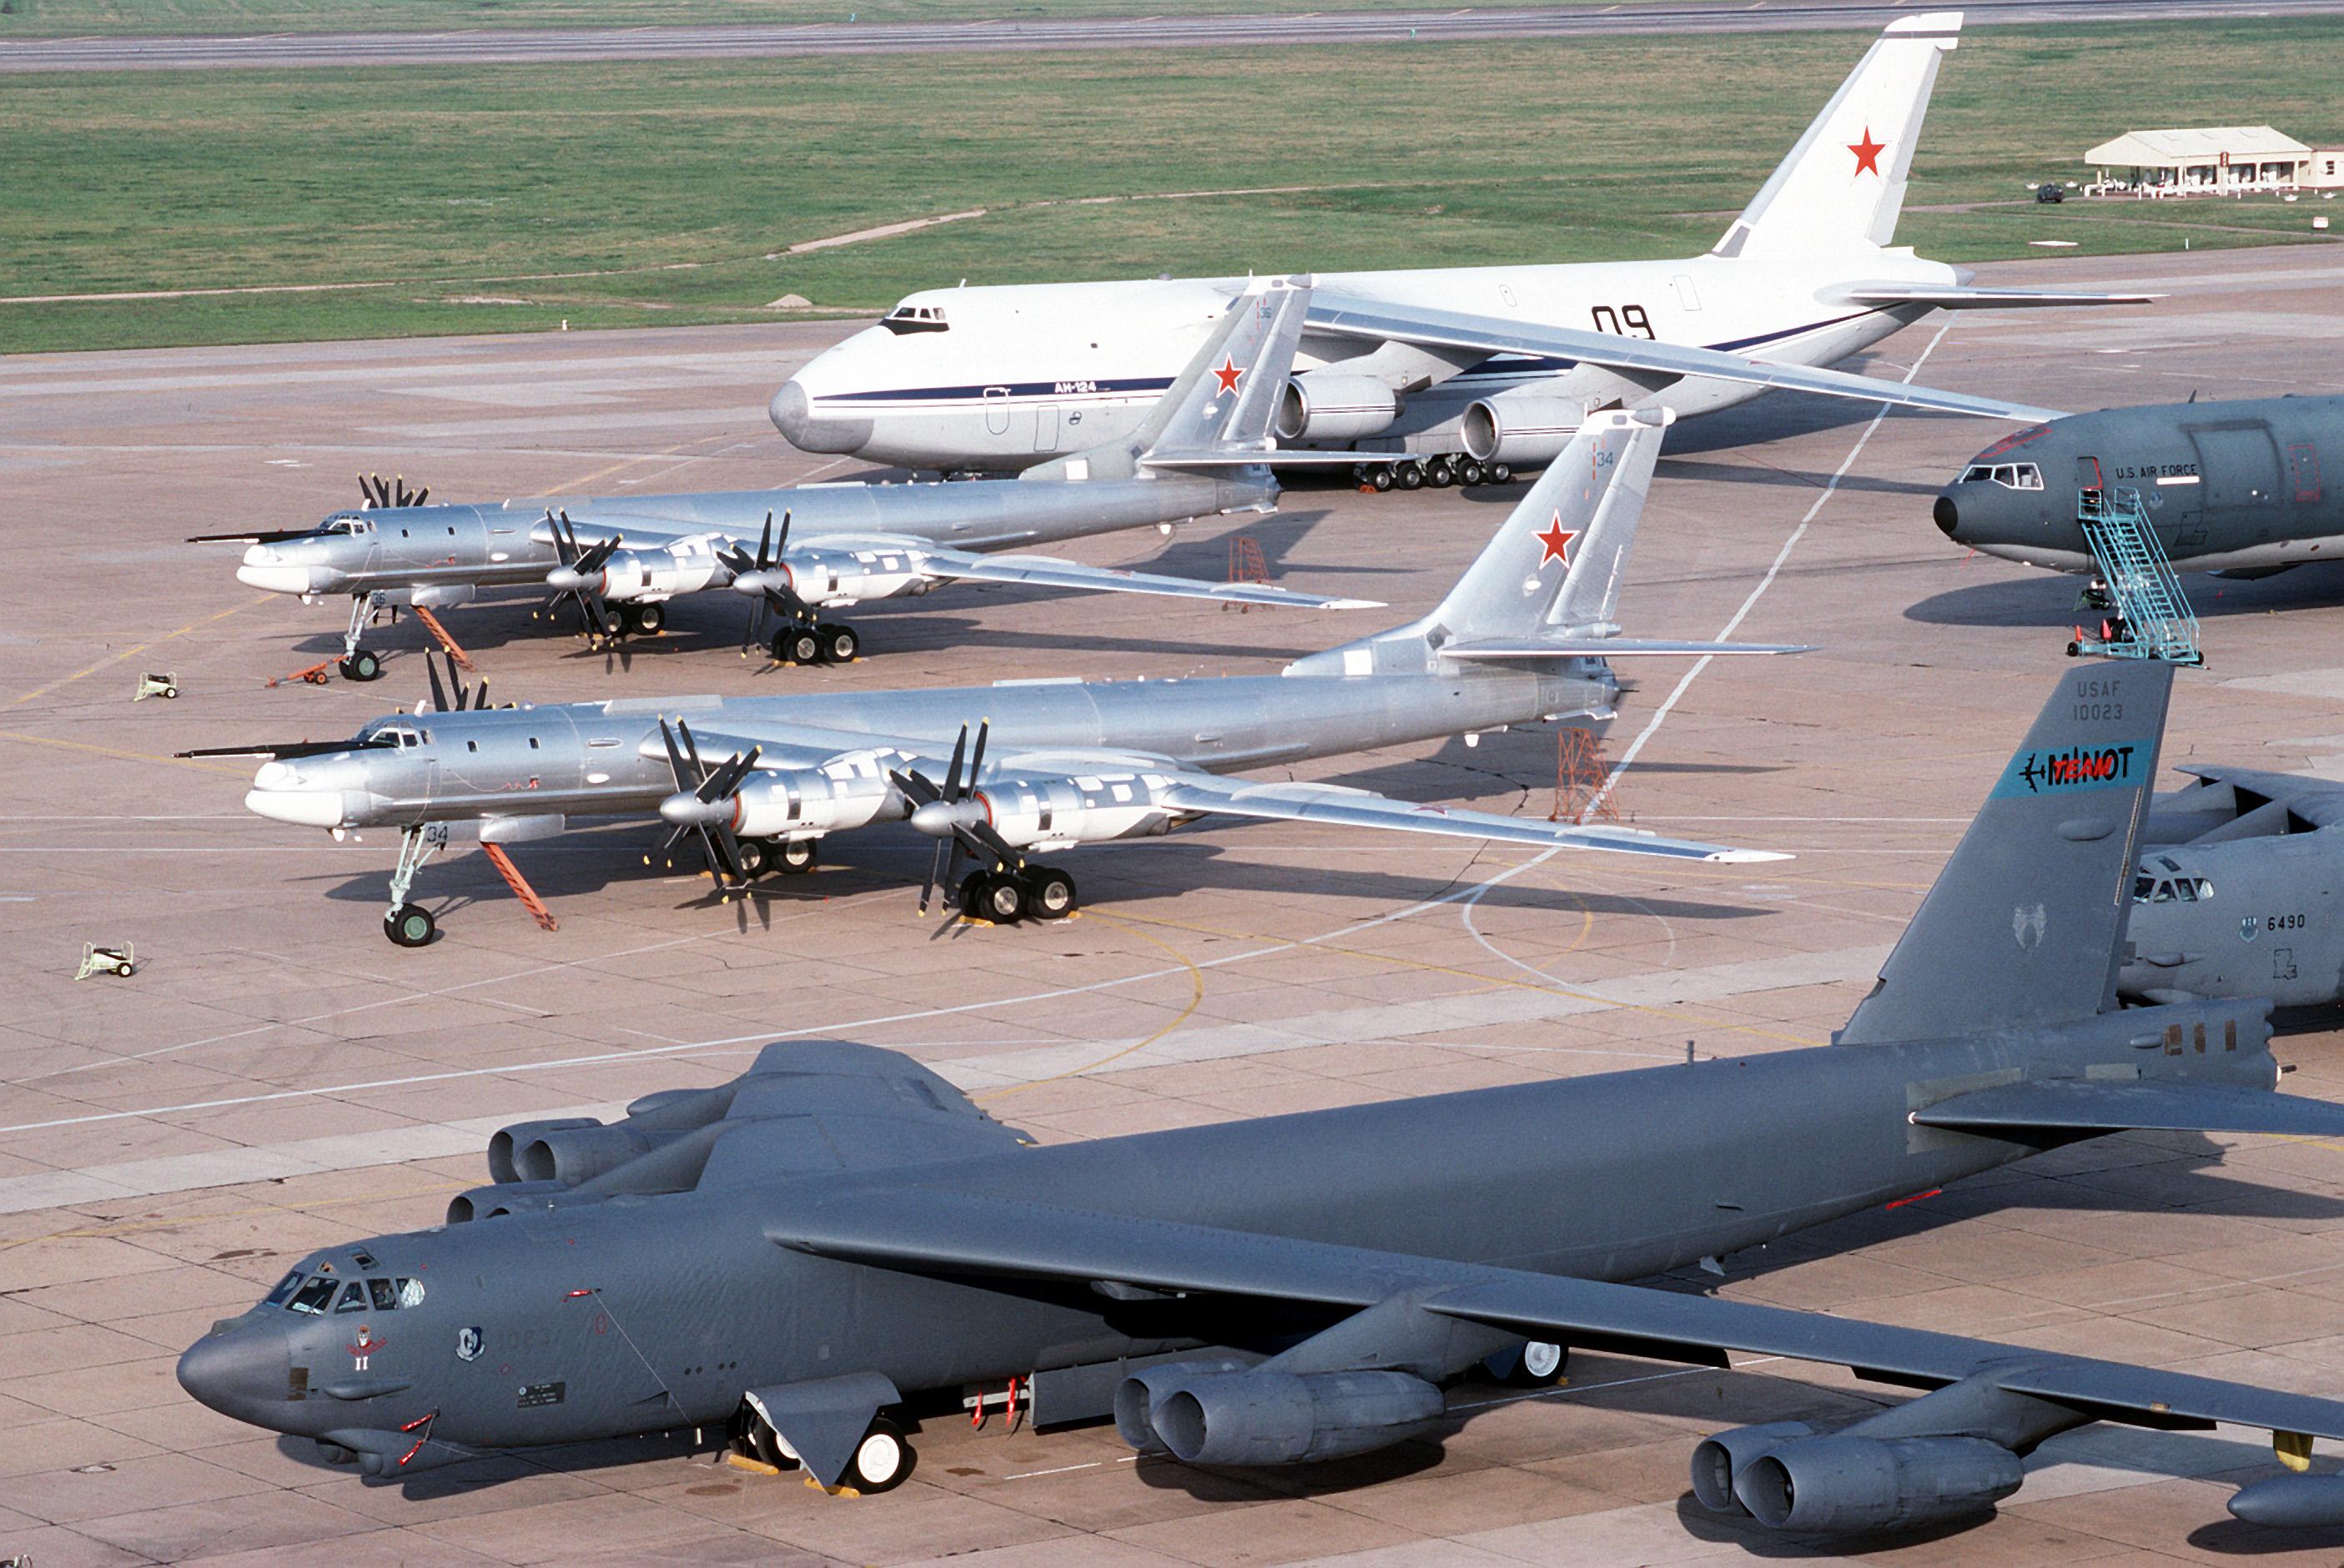 Vũ khí quân sự máy bay ném bom Tu-95 được đánh giá cao trong lực lượng không quân Nga